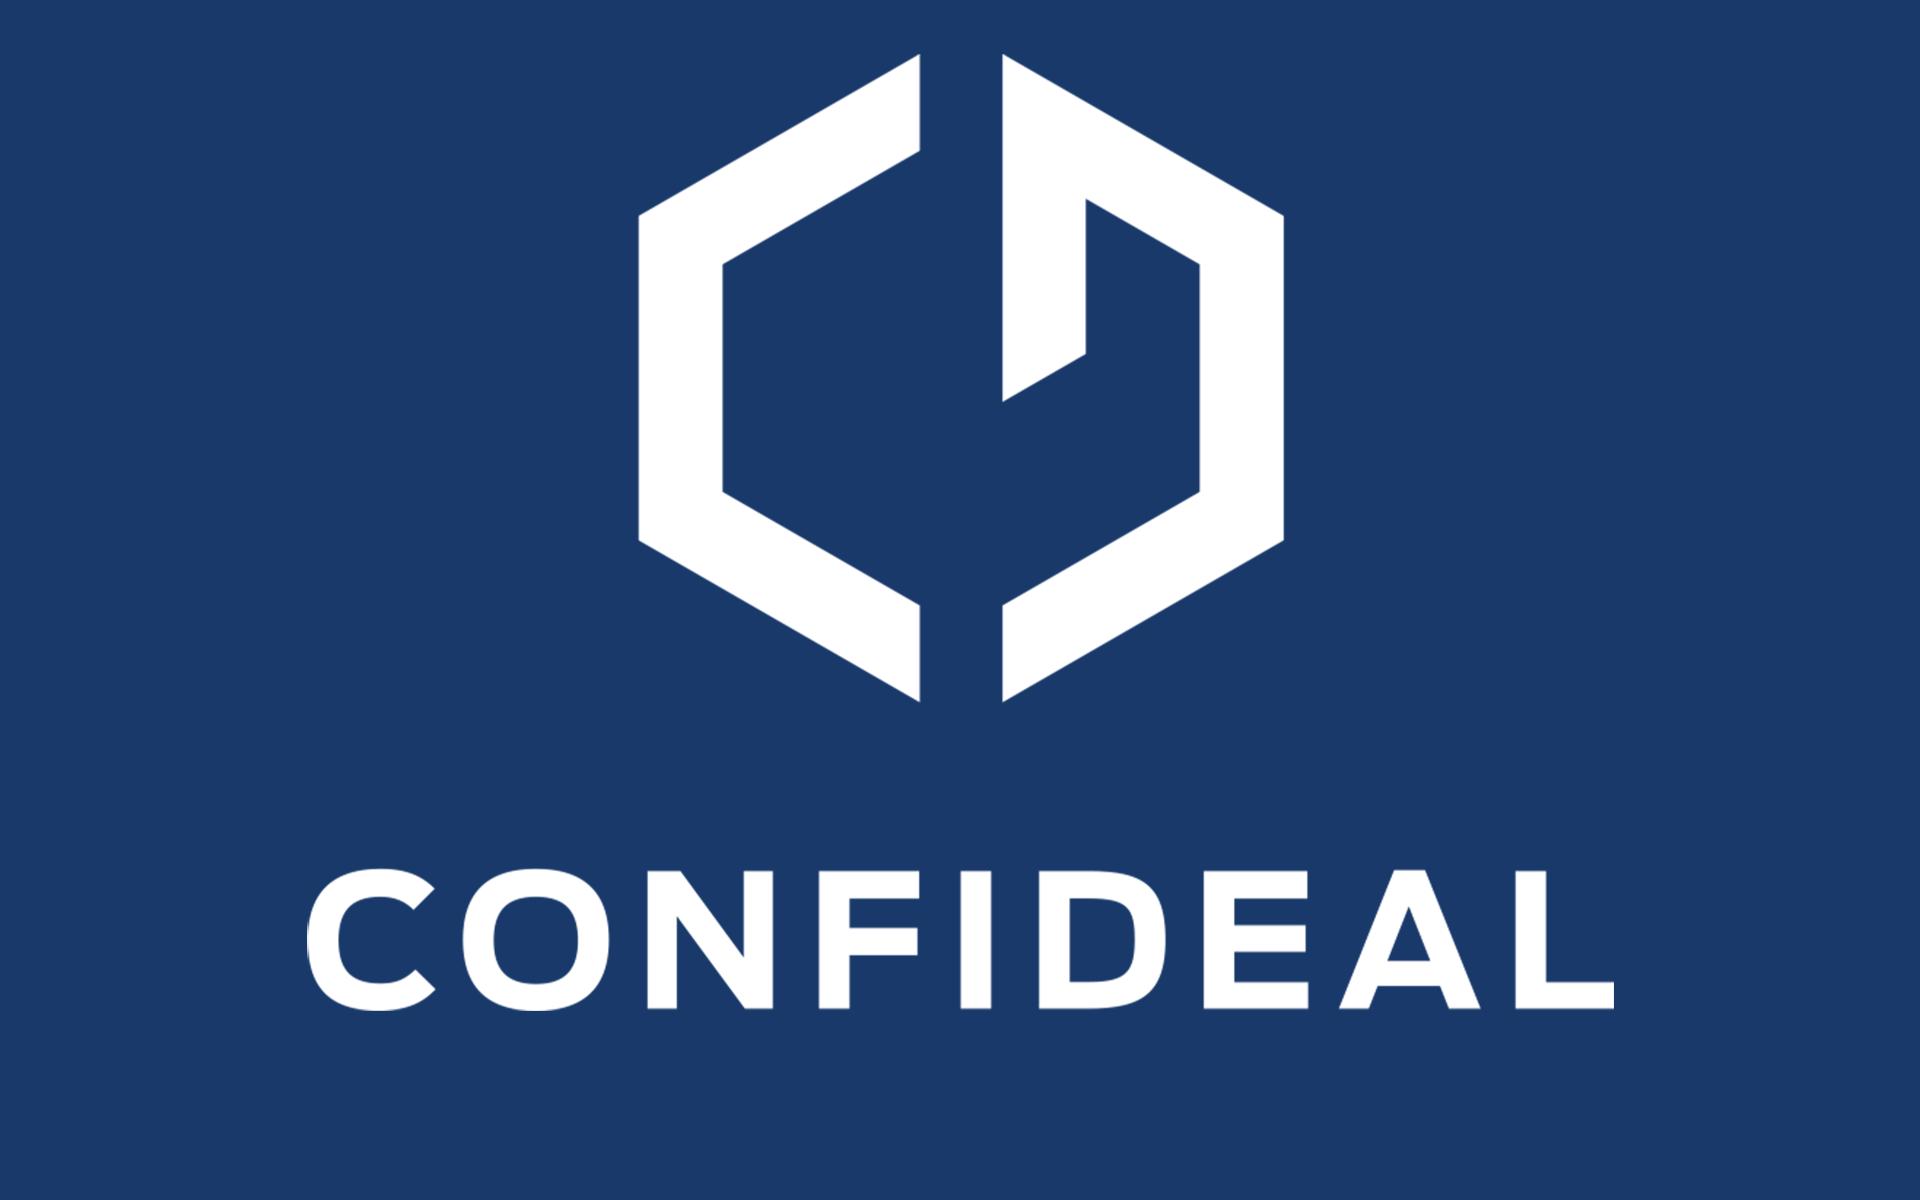 confideal ico logo